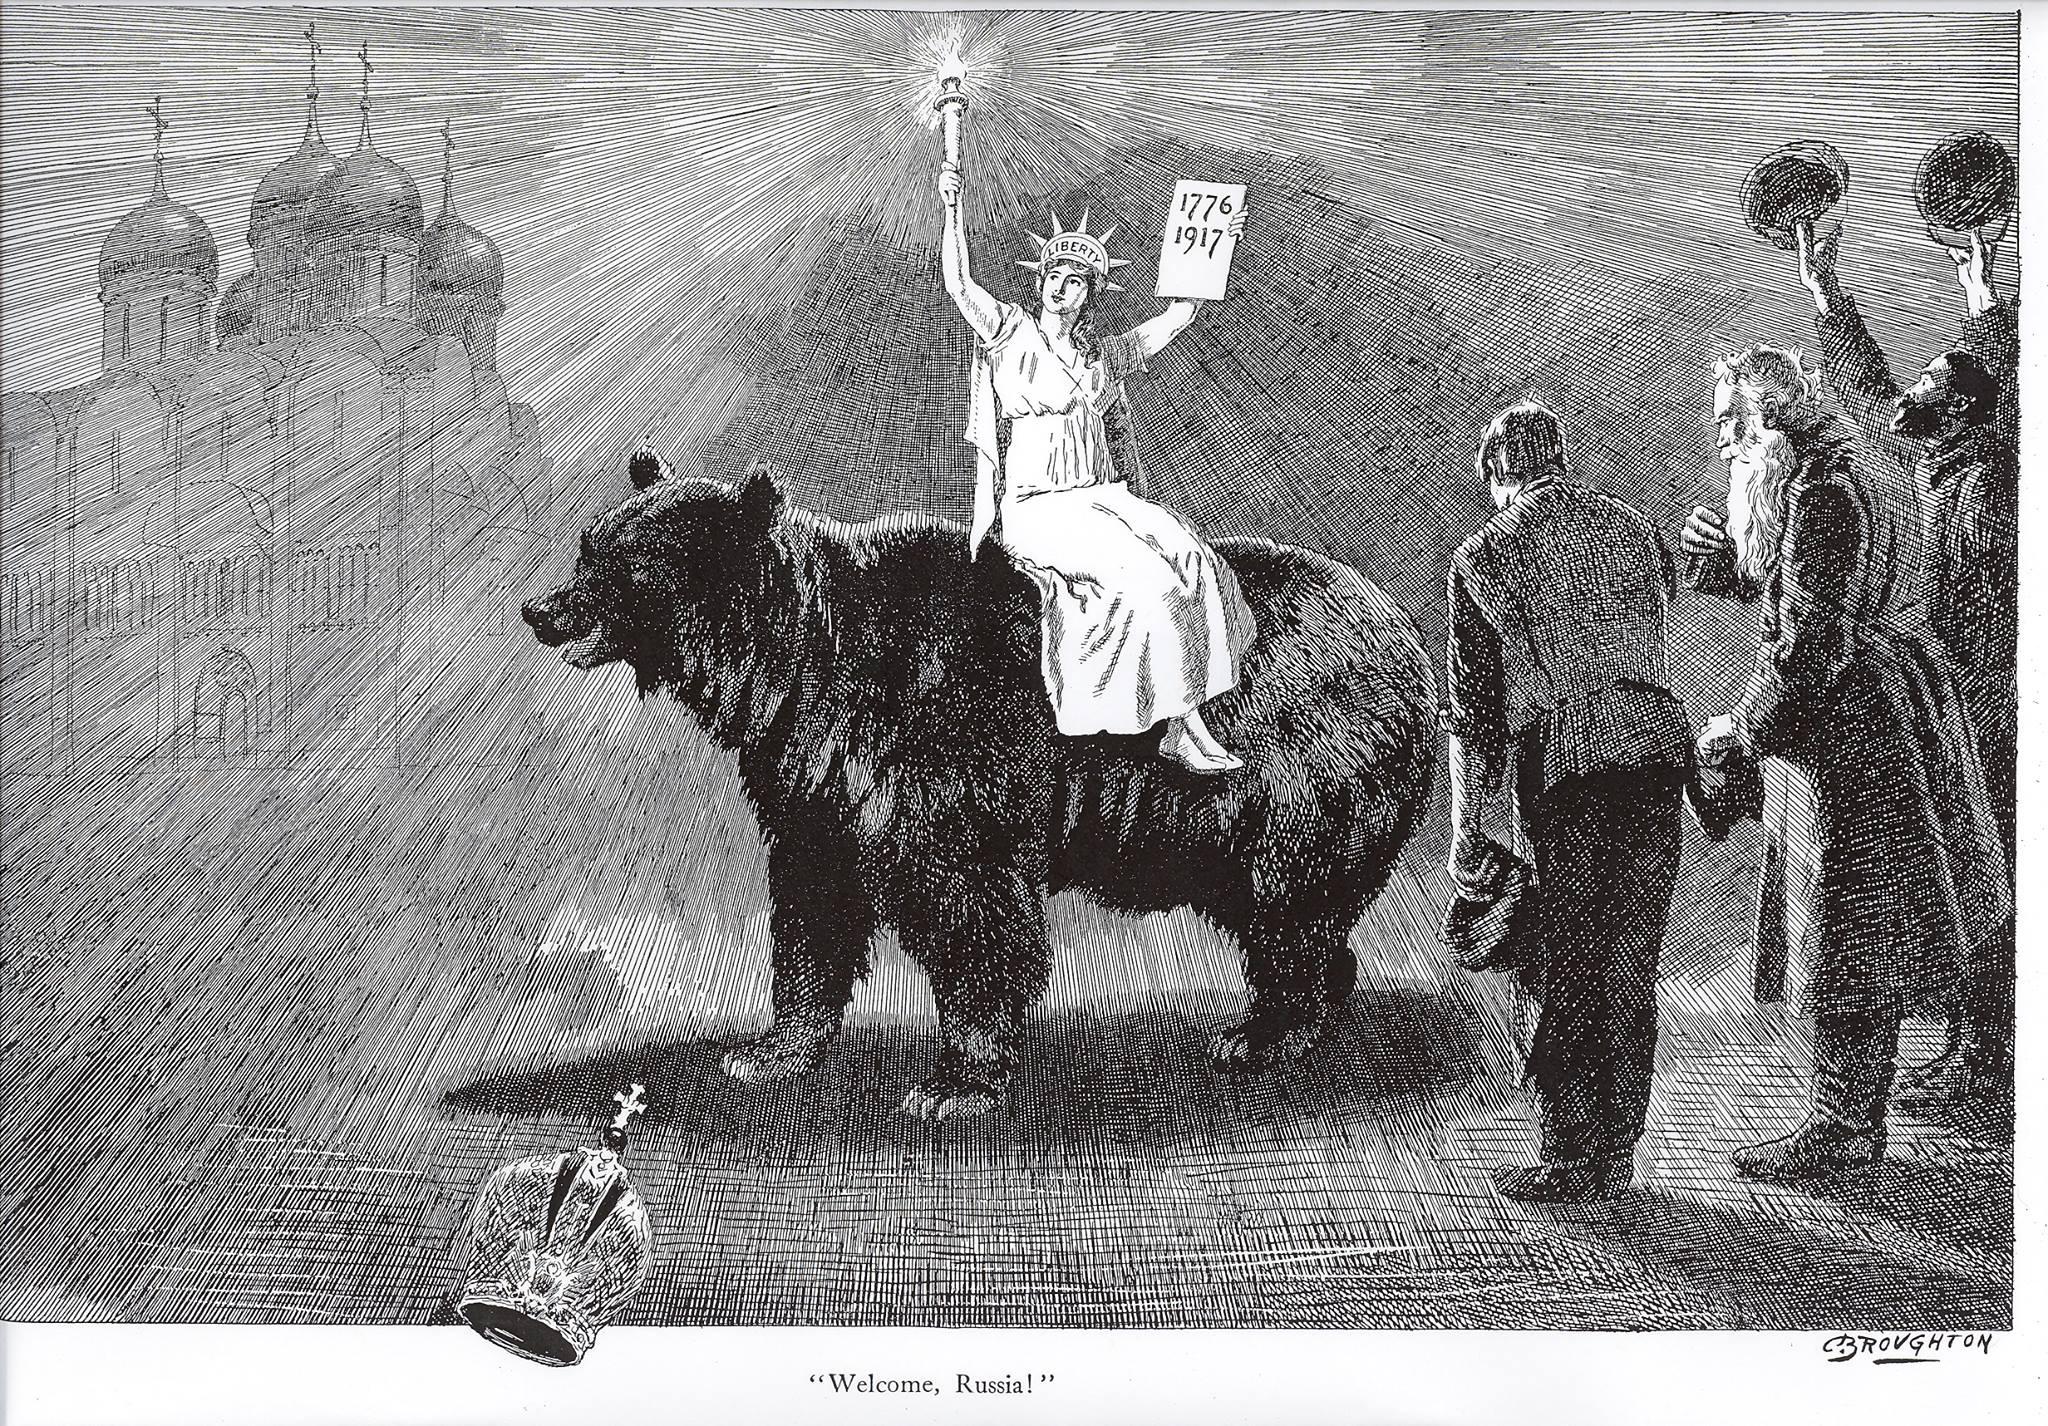 Эхо 1917-го: как в России проходит 100-летний юбилей революции